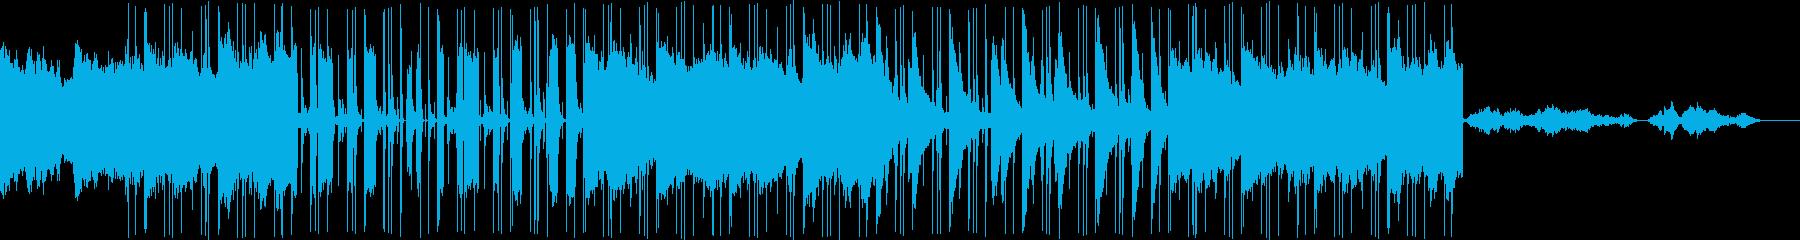 宇宙的なおしゃれポップの再生済みの波形